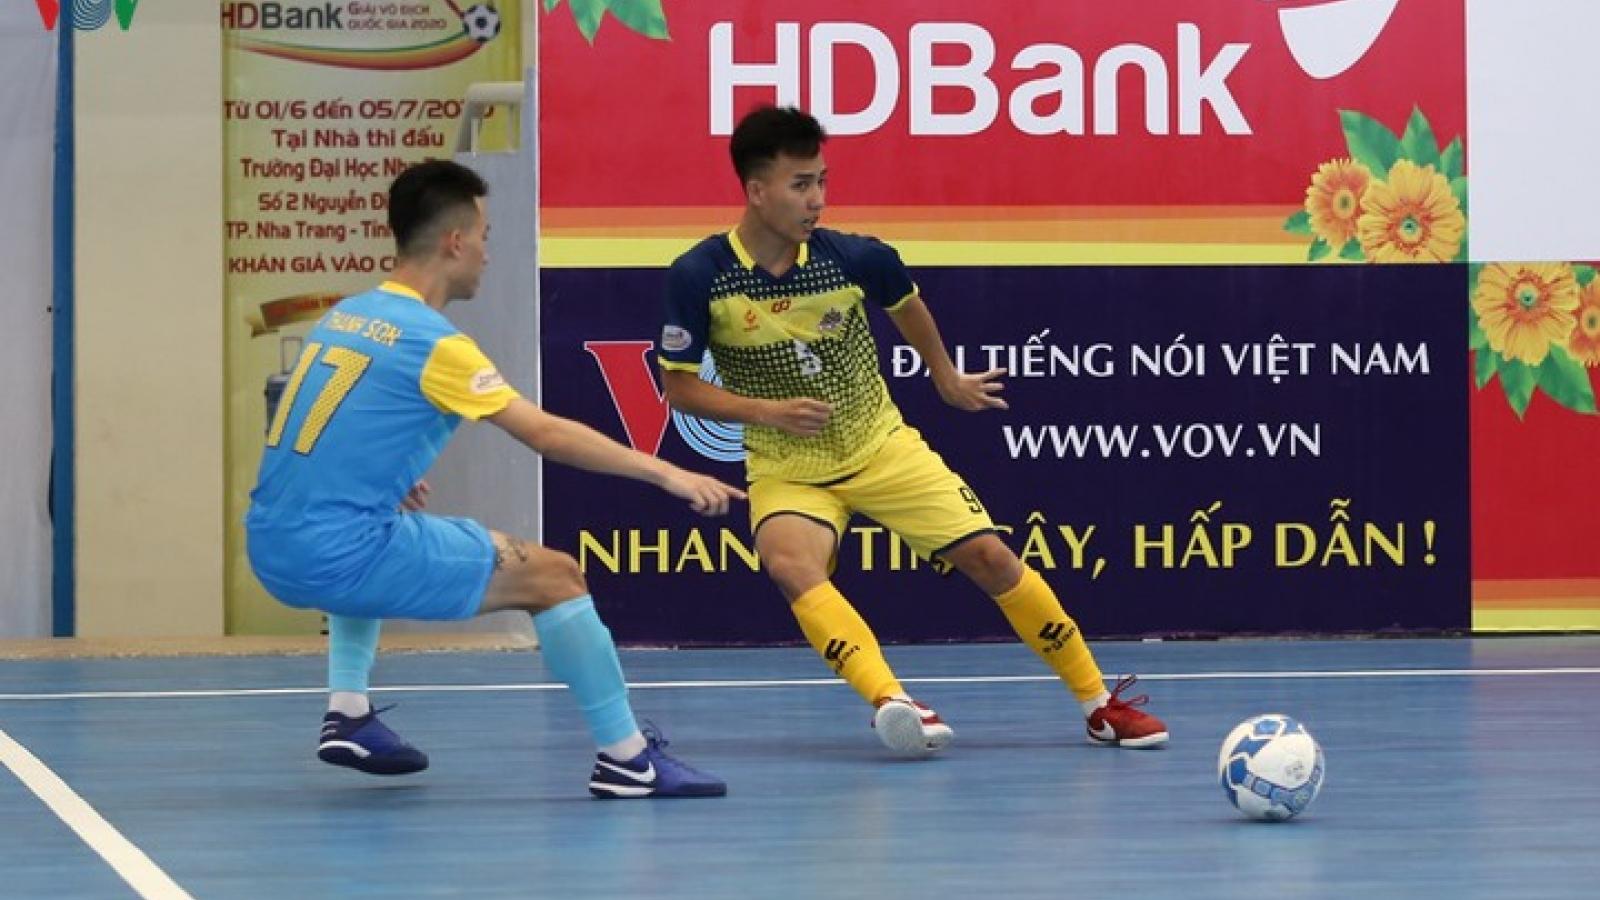 Xem trực tiếp Futsal HDBank VĐQG 2020: Sanna Khánh Hòa - Cao Bằng